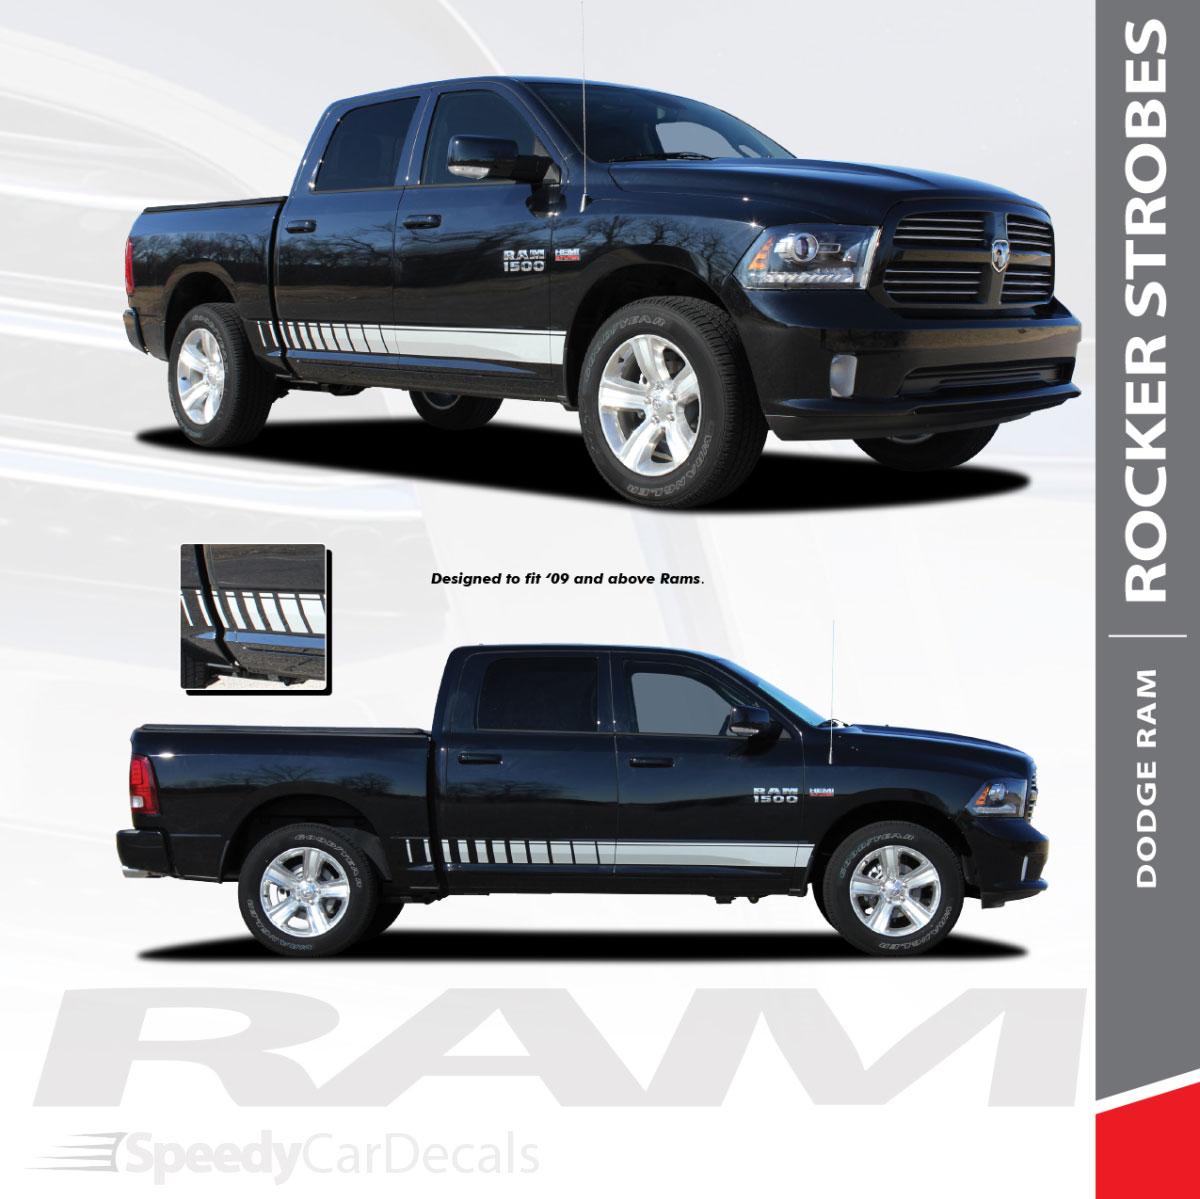 Dodge Ram Decals Stripes 3m Ram Rocker Strobe 2009 2018 Premium And Supreme Install Speedycardecals Fast Car Decals Auto Decals Auto Stripes Vehicle Specific Graphics